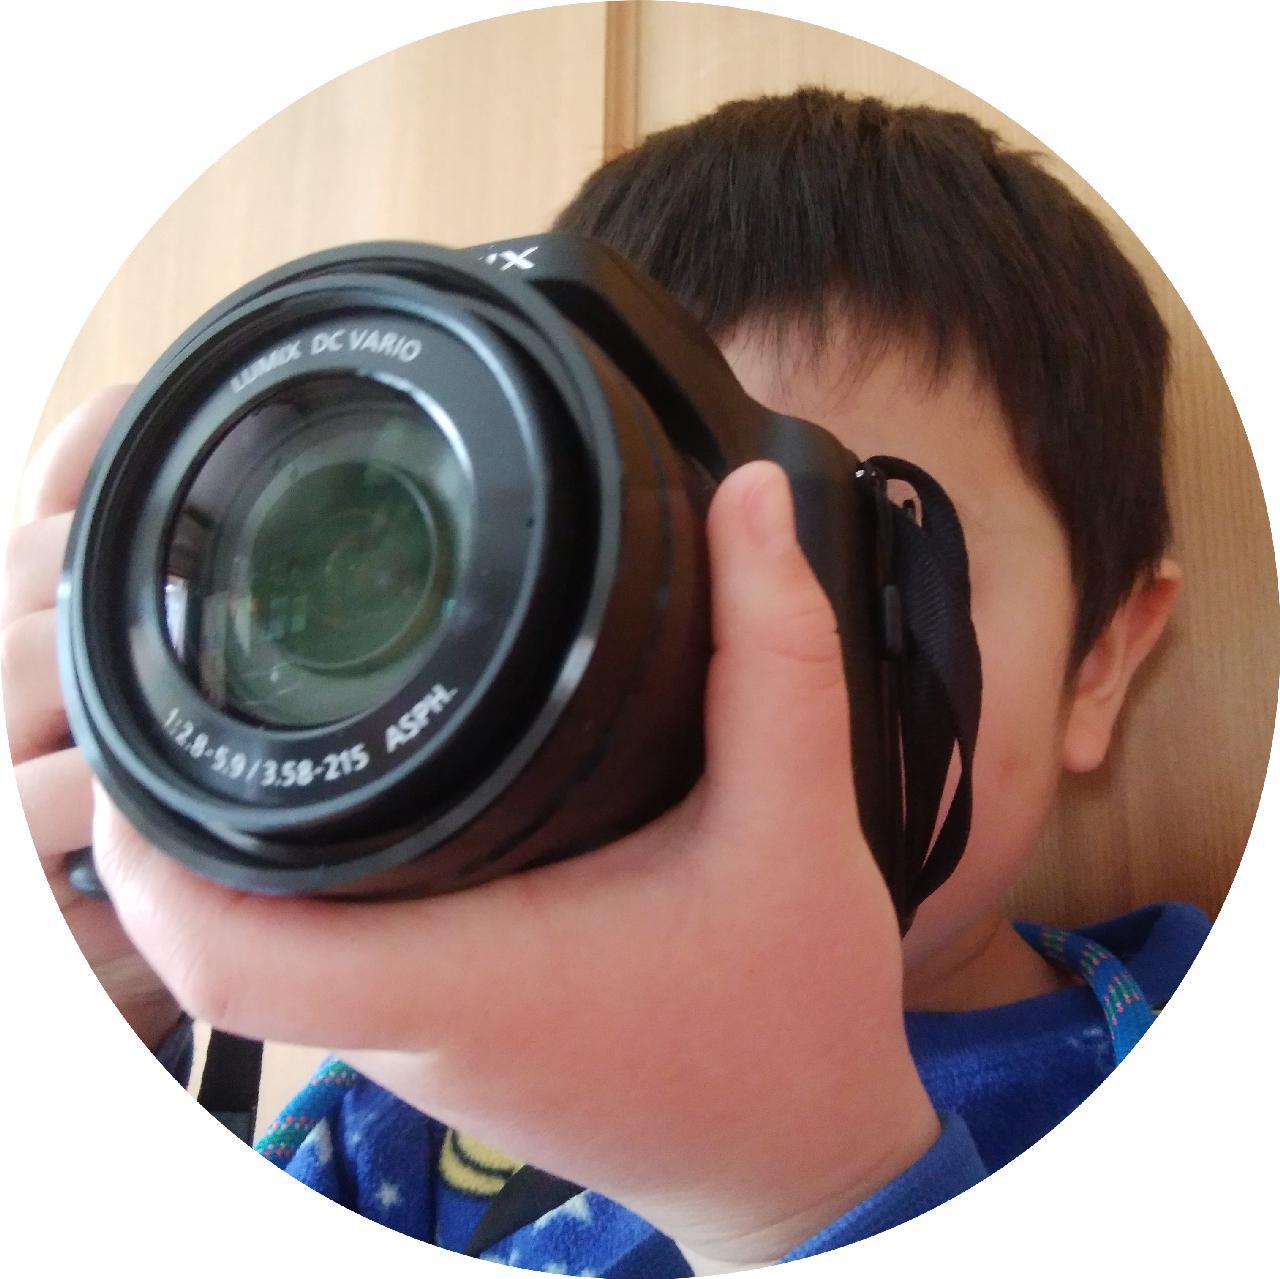 画像1: 【レビュー】子どもとの外遊びを快適に! デカトロンのワンタッチサンシェルター・ケシュア「EASY SHELTER」を使ってみた